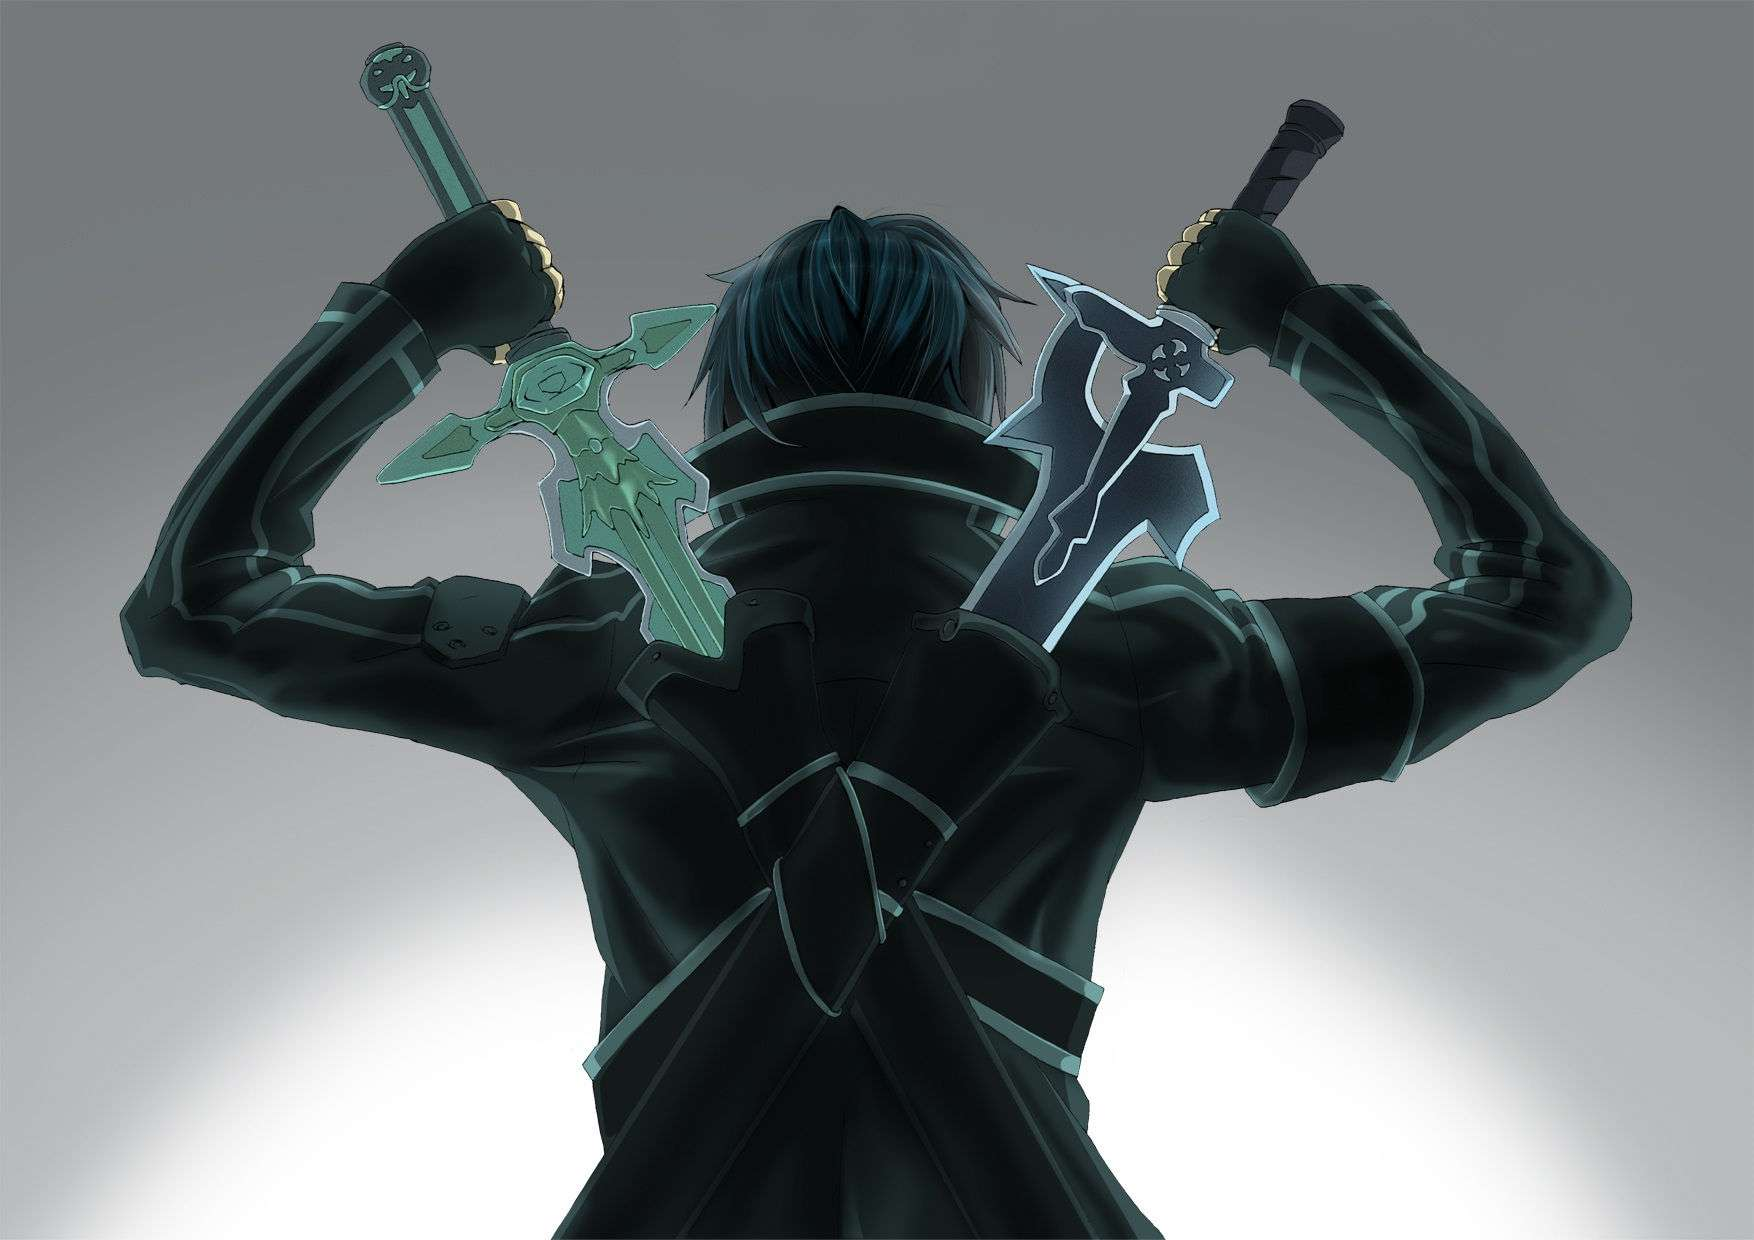 Sword Art Online Anime Wallpaper 003